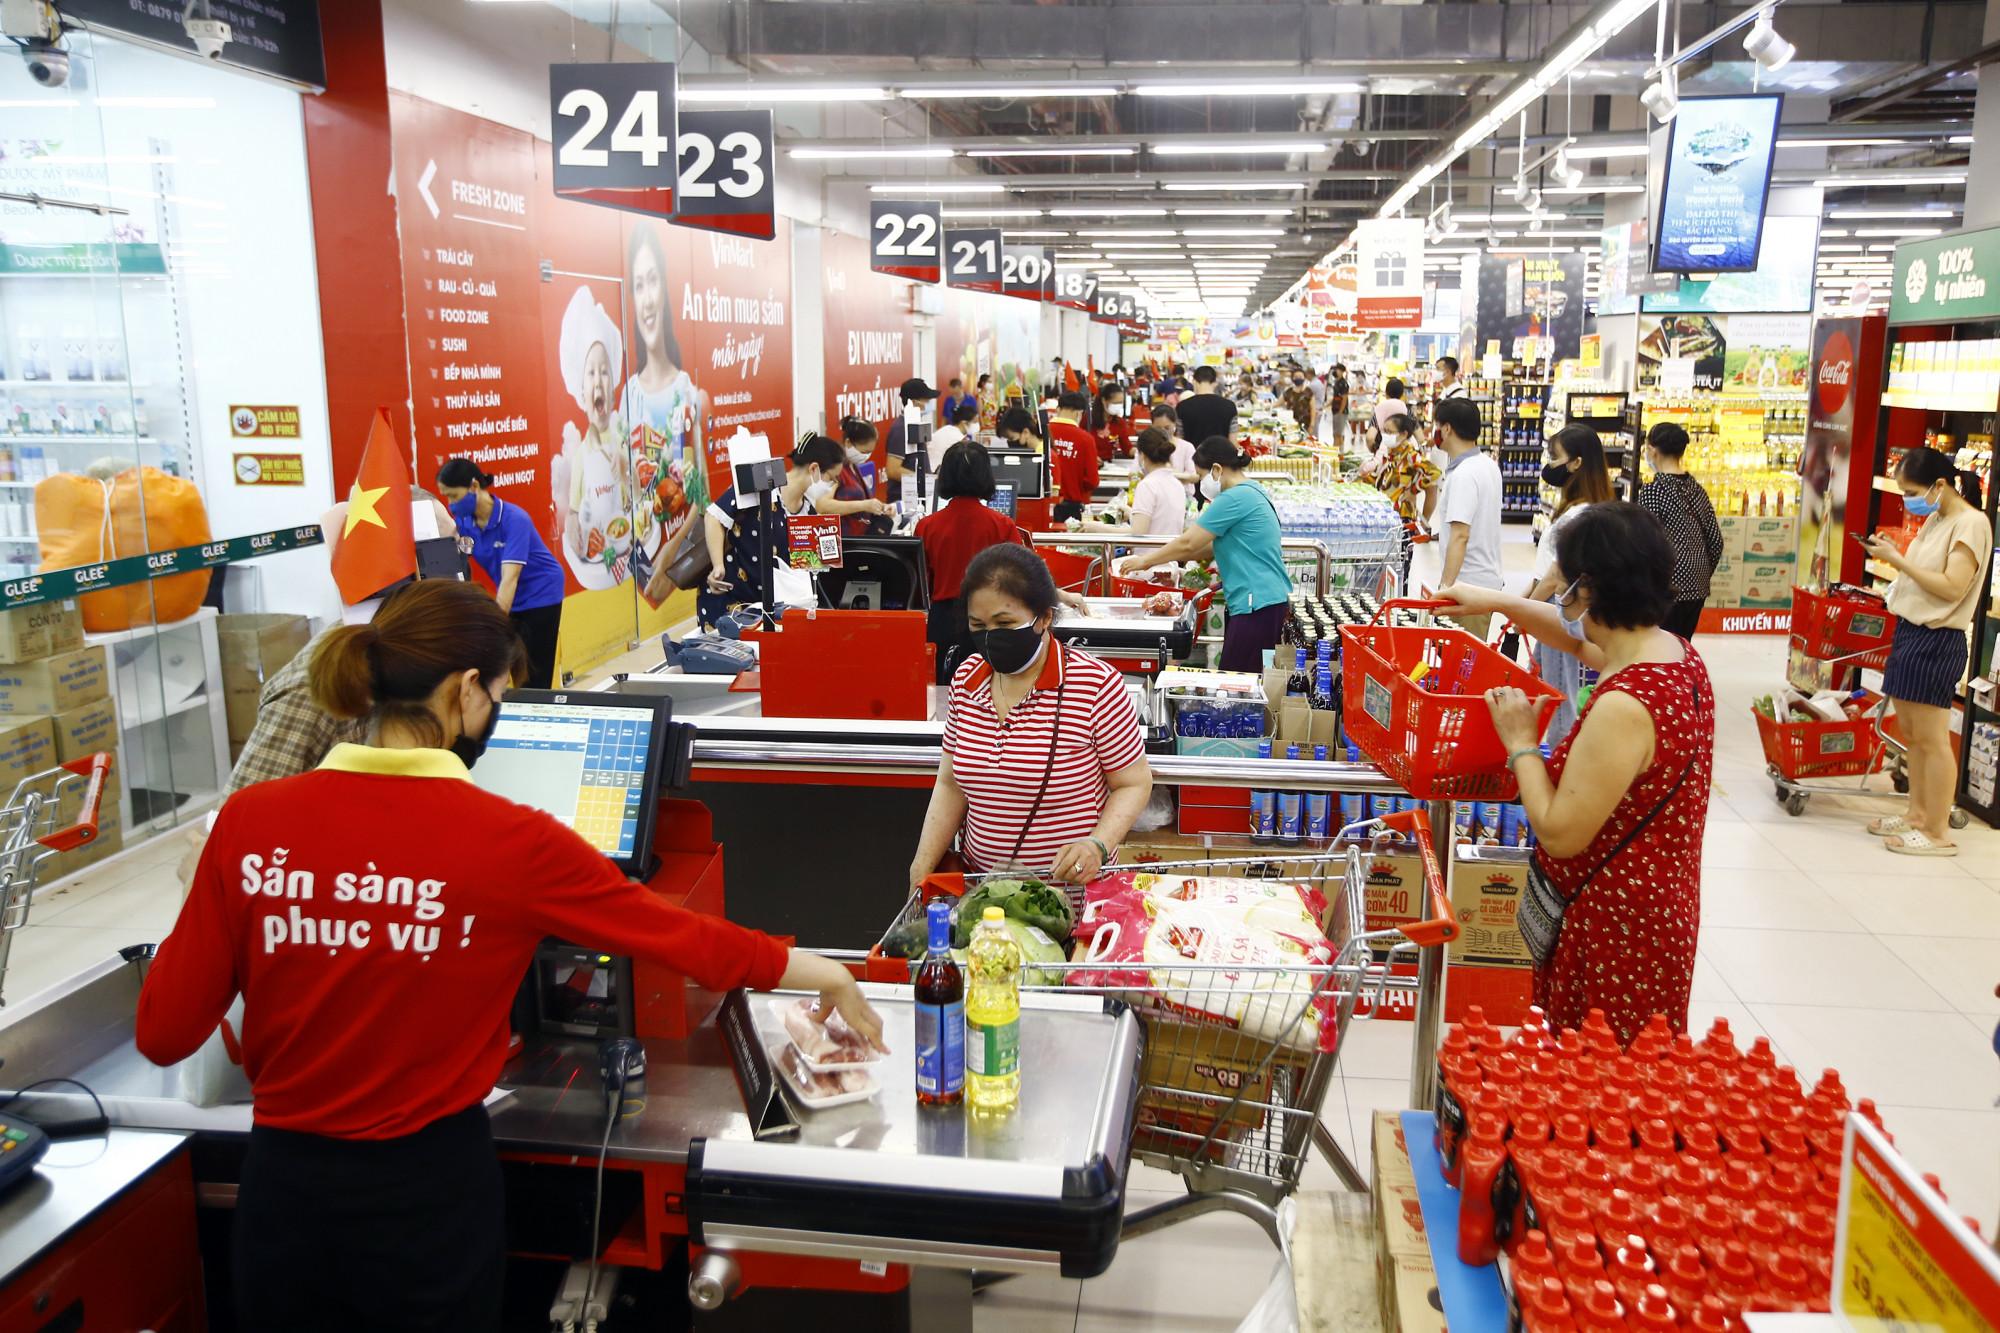 """Gói bảo hiểm """"Khỏe mạnh trong mùa dịch"""" được áp dụng từ ngày 26/7 đến 25/8  với khách hàng có hóa đơn mua sắm trực tiếp chỉ từ 300.000 đồng - Ảnh: Masan"""